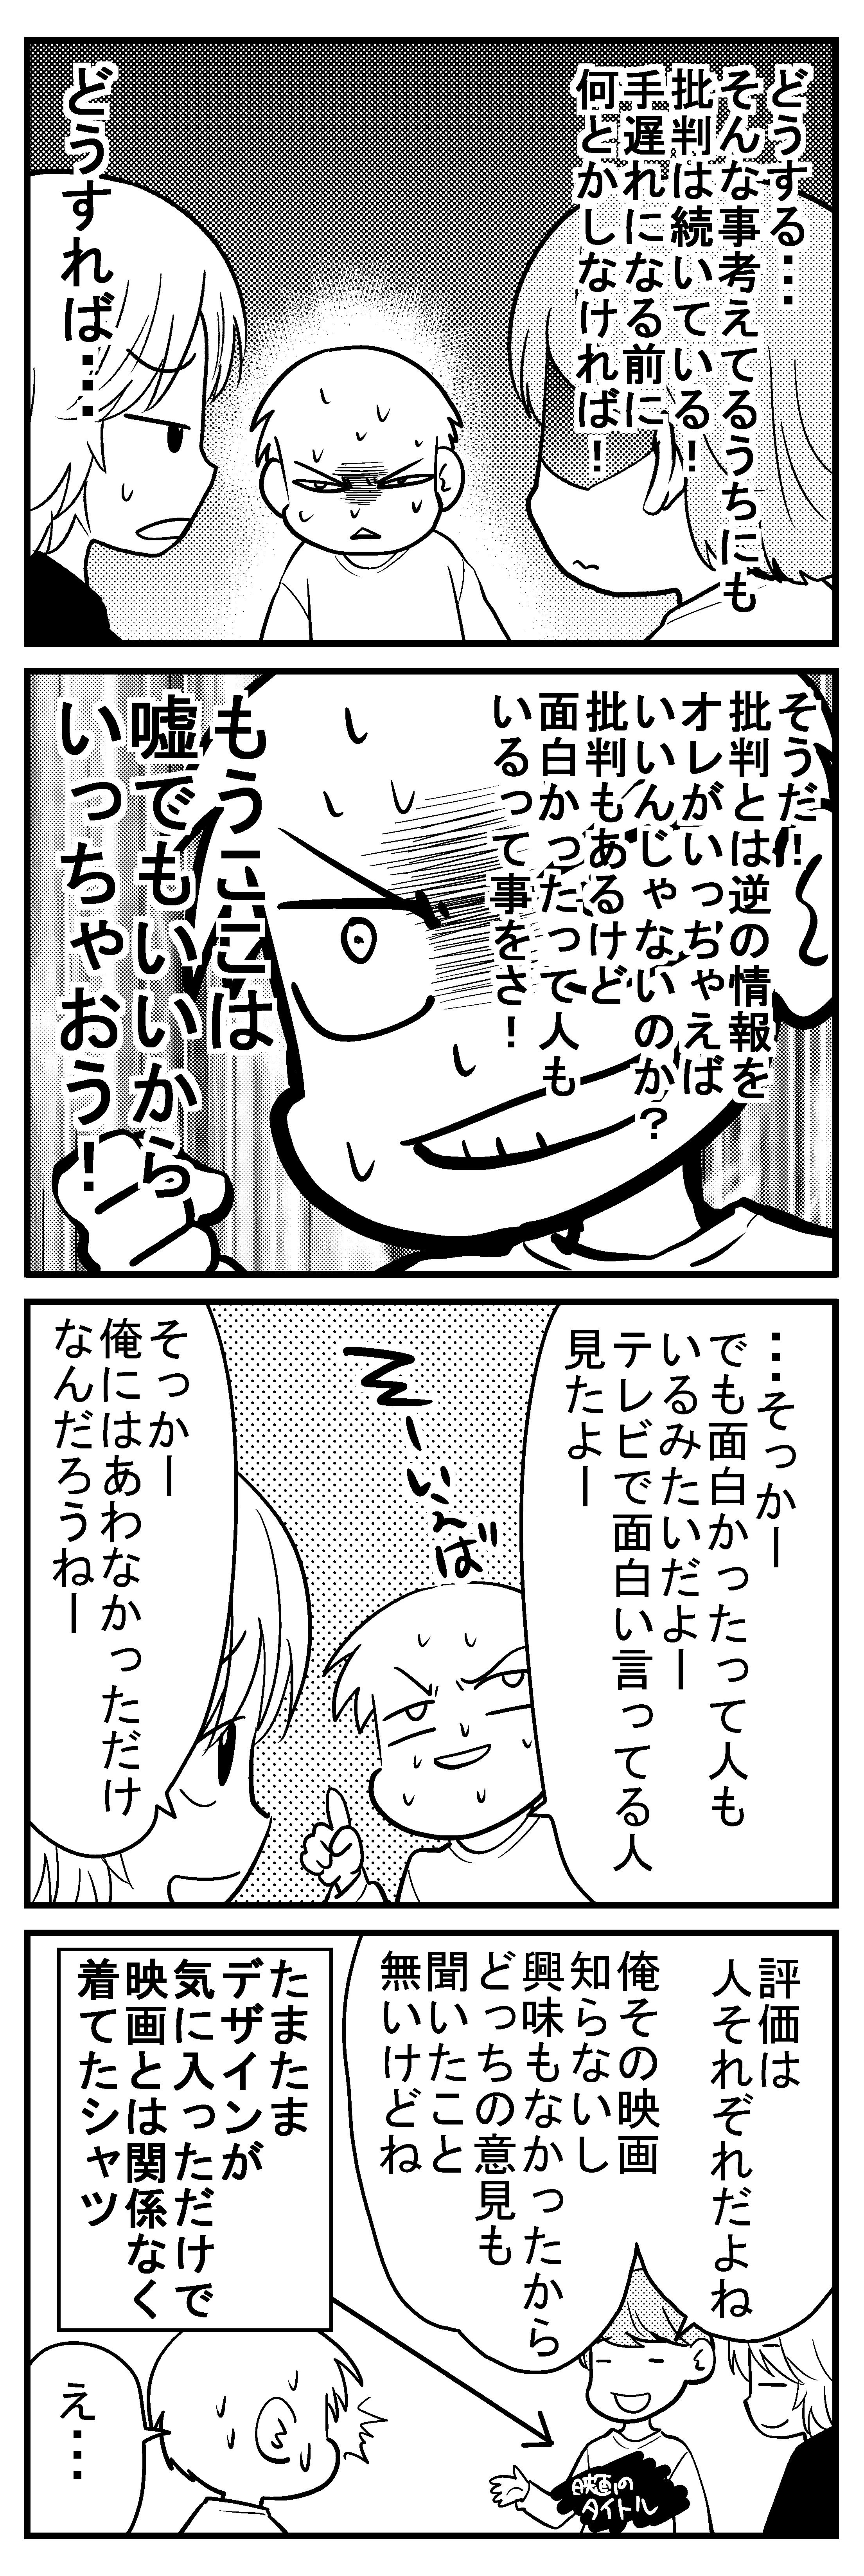 深読みくん42-4